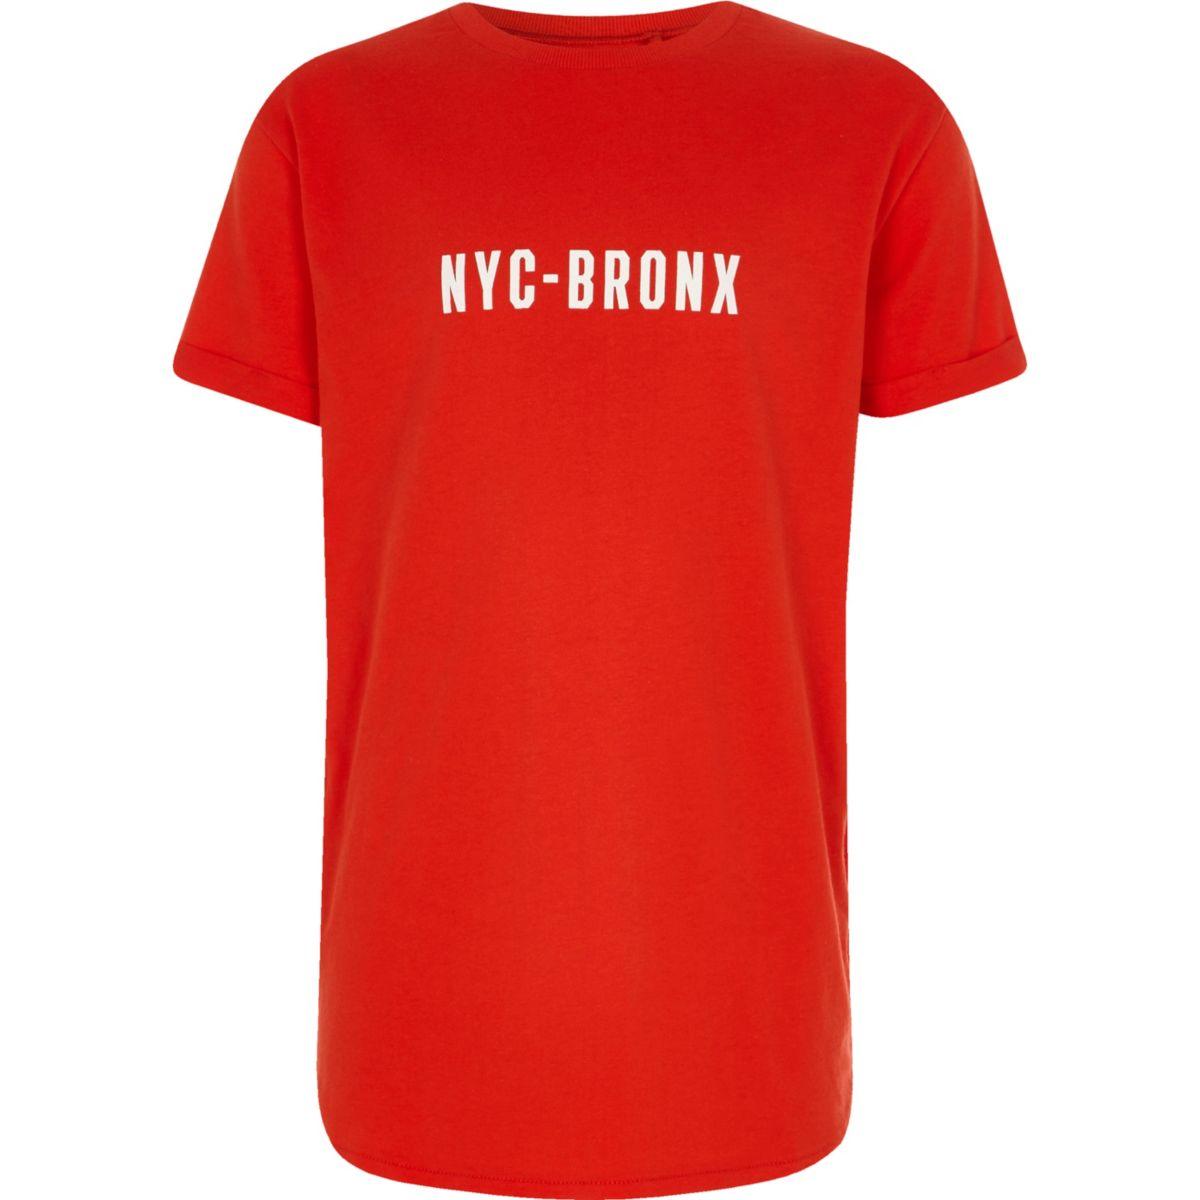 Boys red 'NYC-Bronx' print curved hem T-shirt